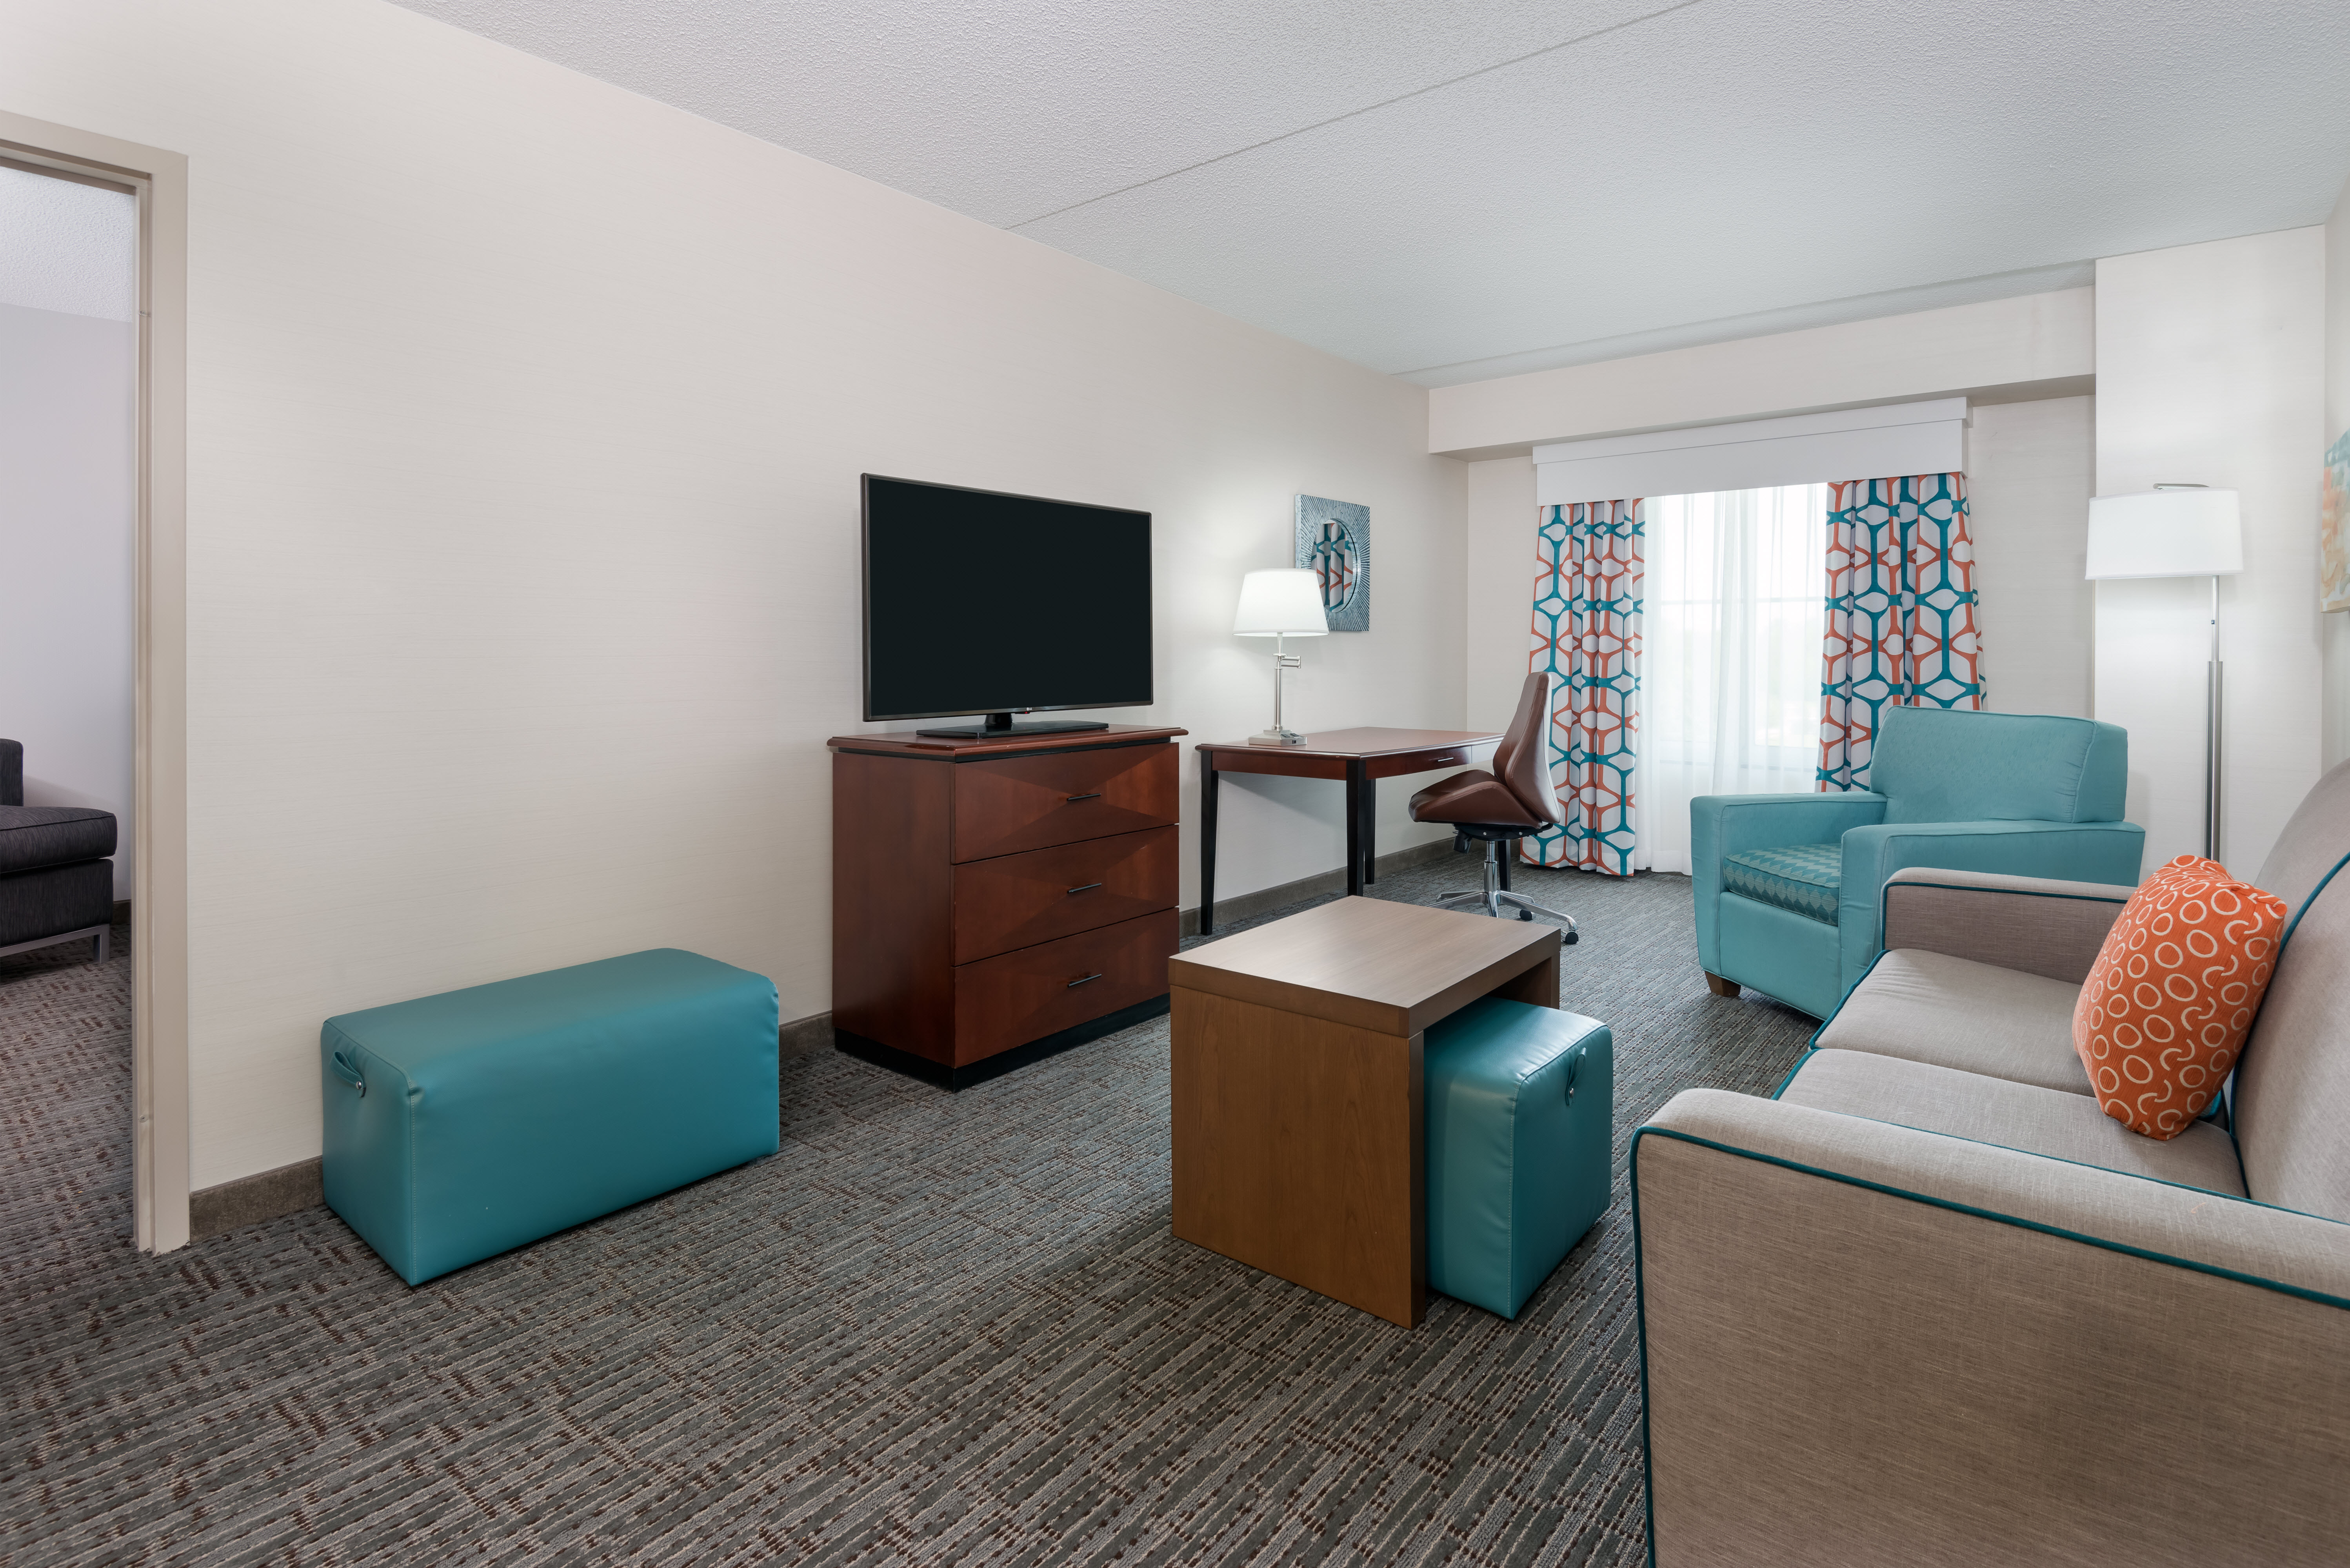 Homewood Suites by Hilton Cleveland-Beachwood image 3